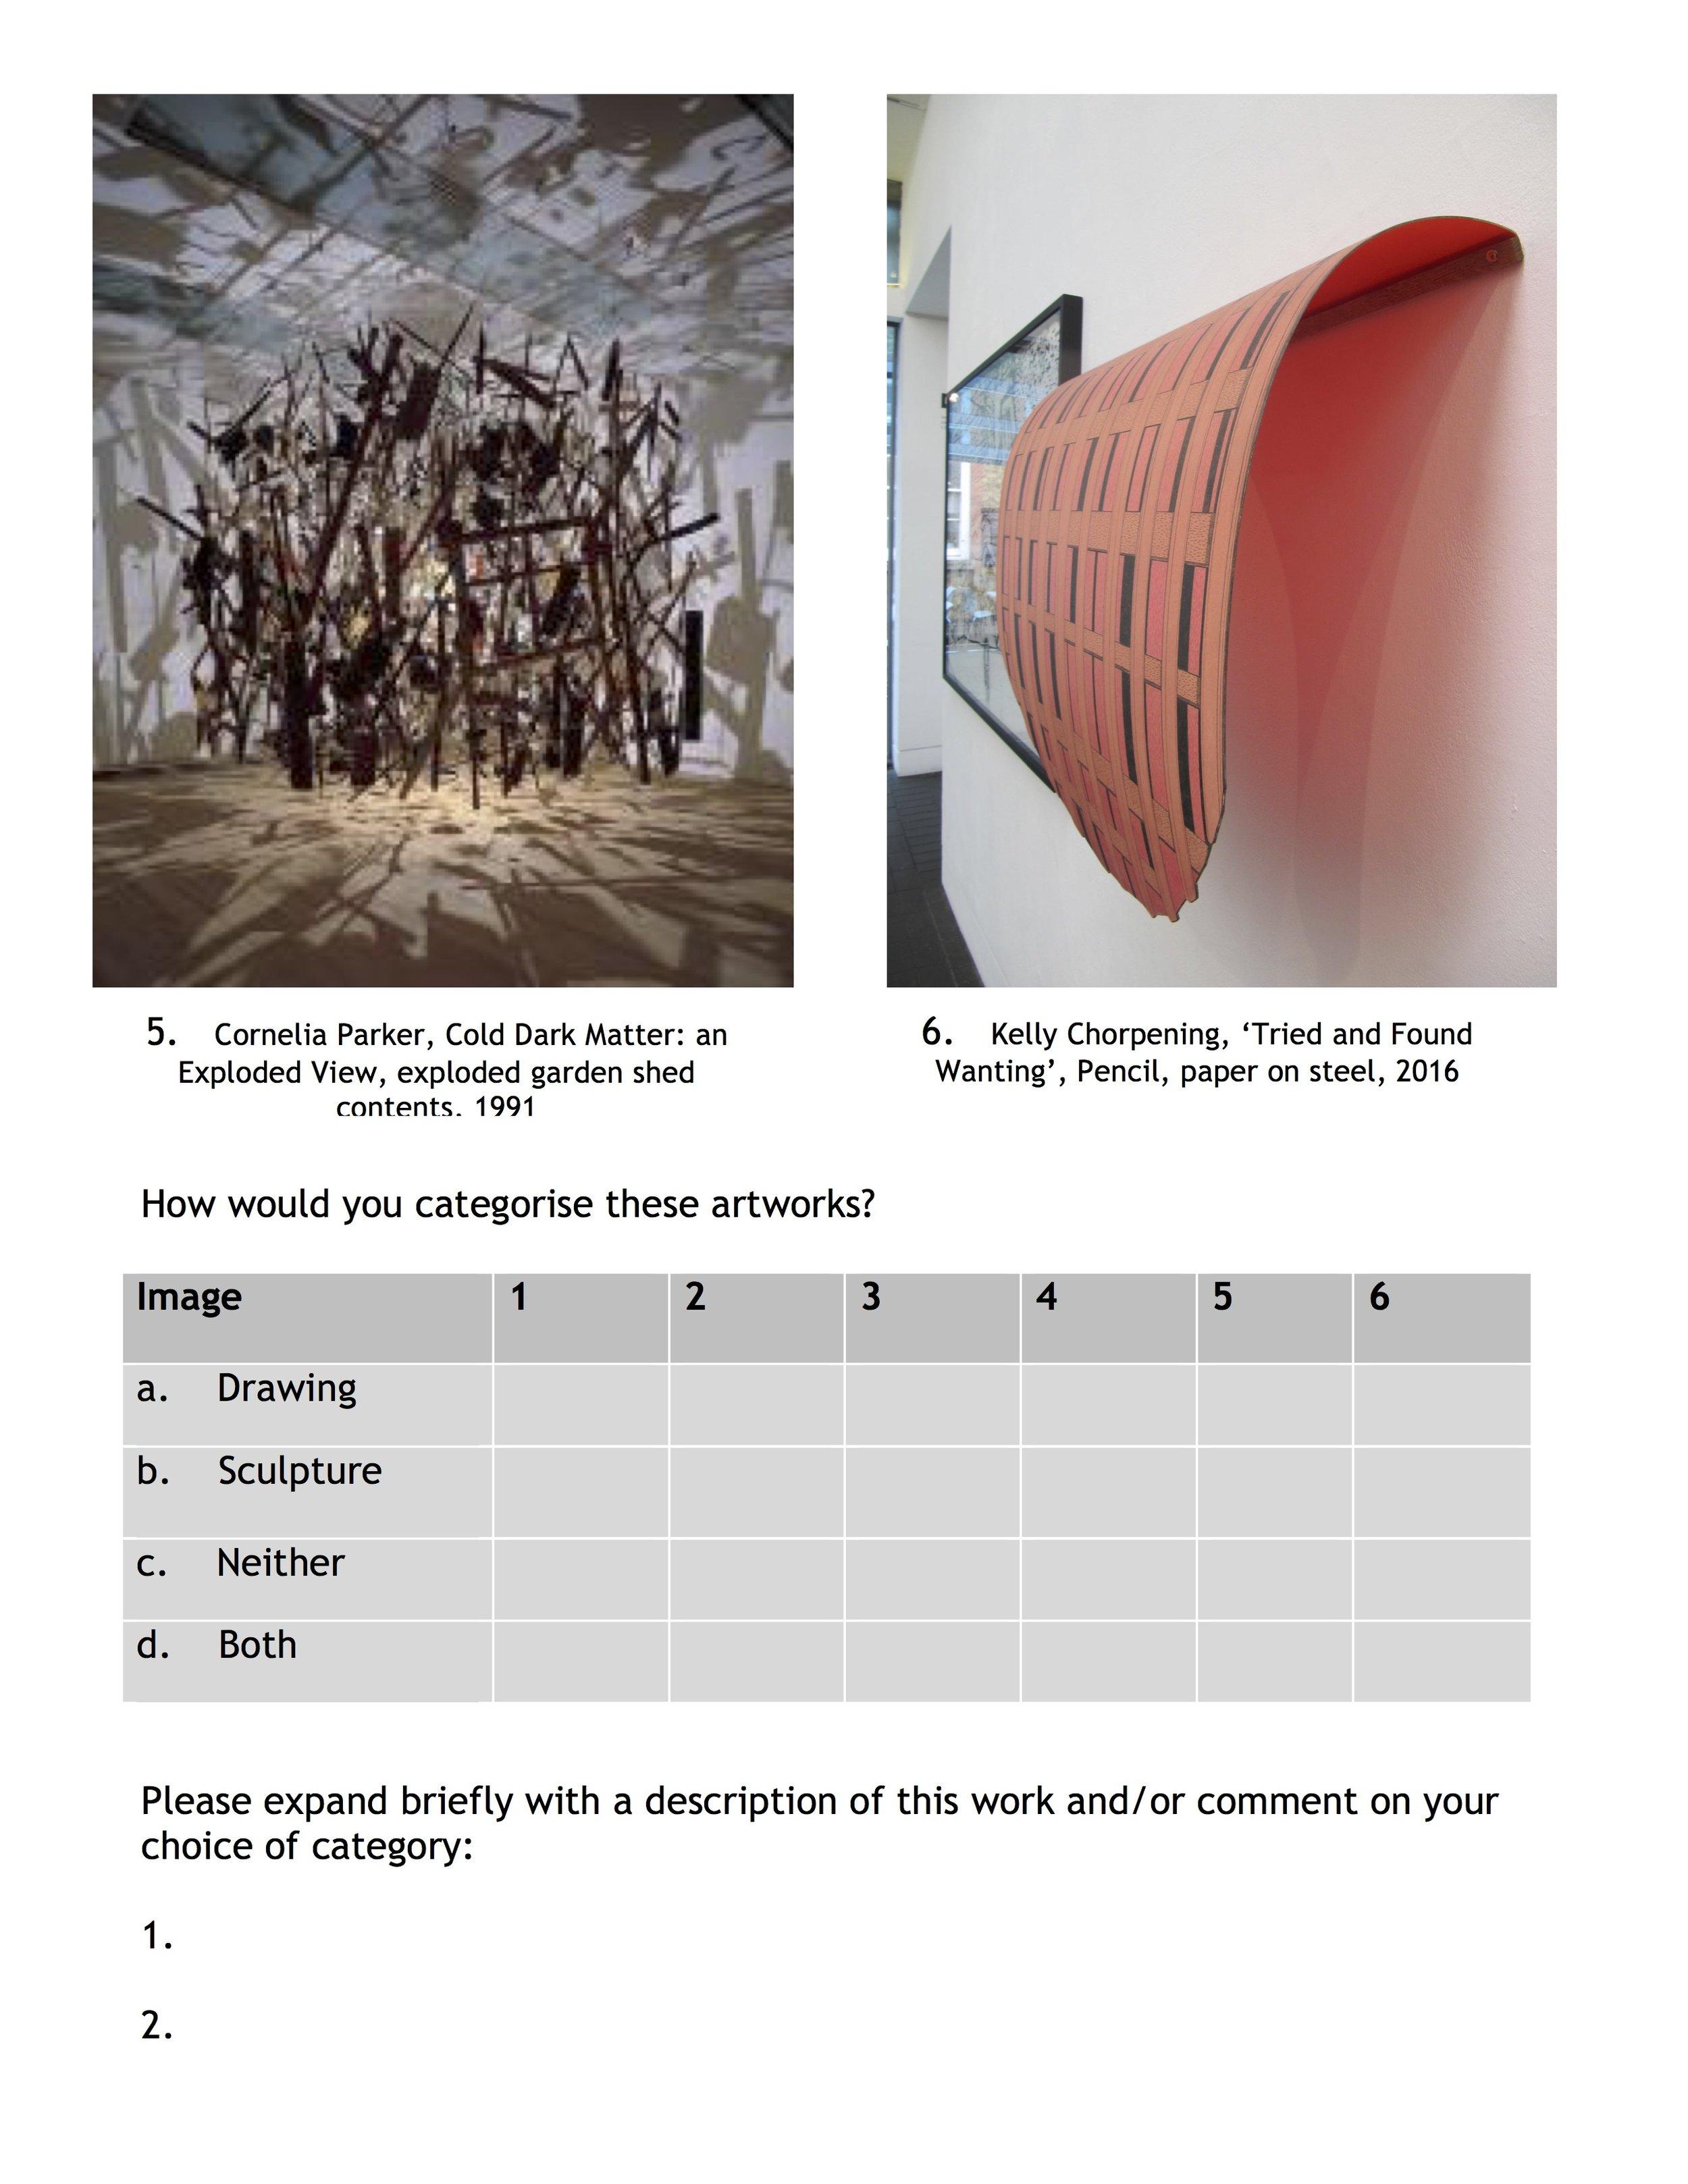 questionnaire-p2